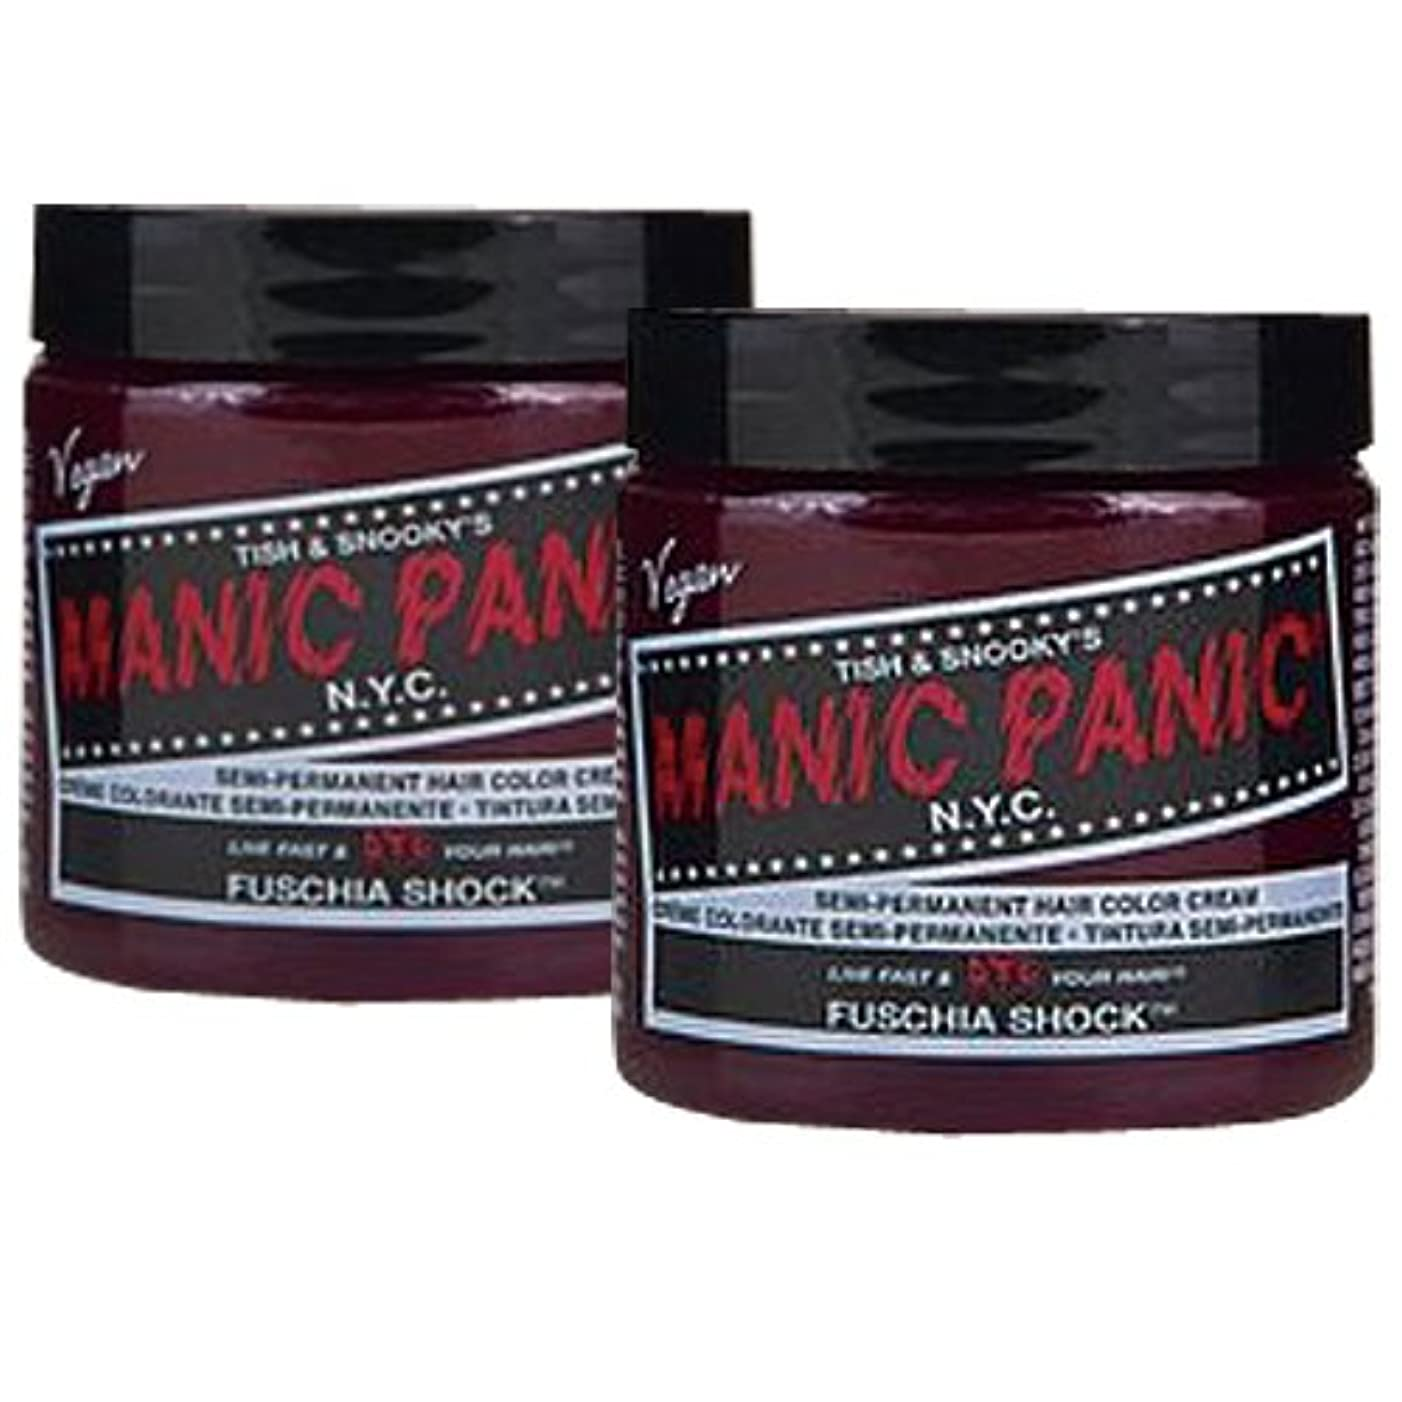 【2個セット】MANIC PANIC マニックパニック Fuschia Shock フューシャショック 118m